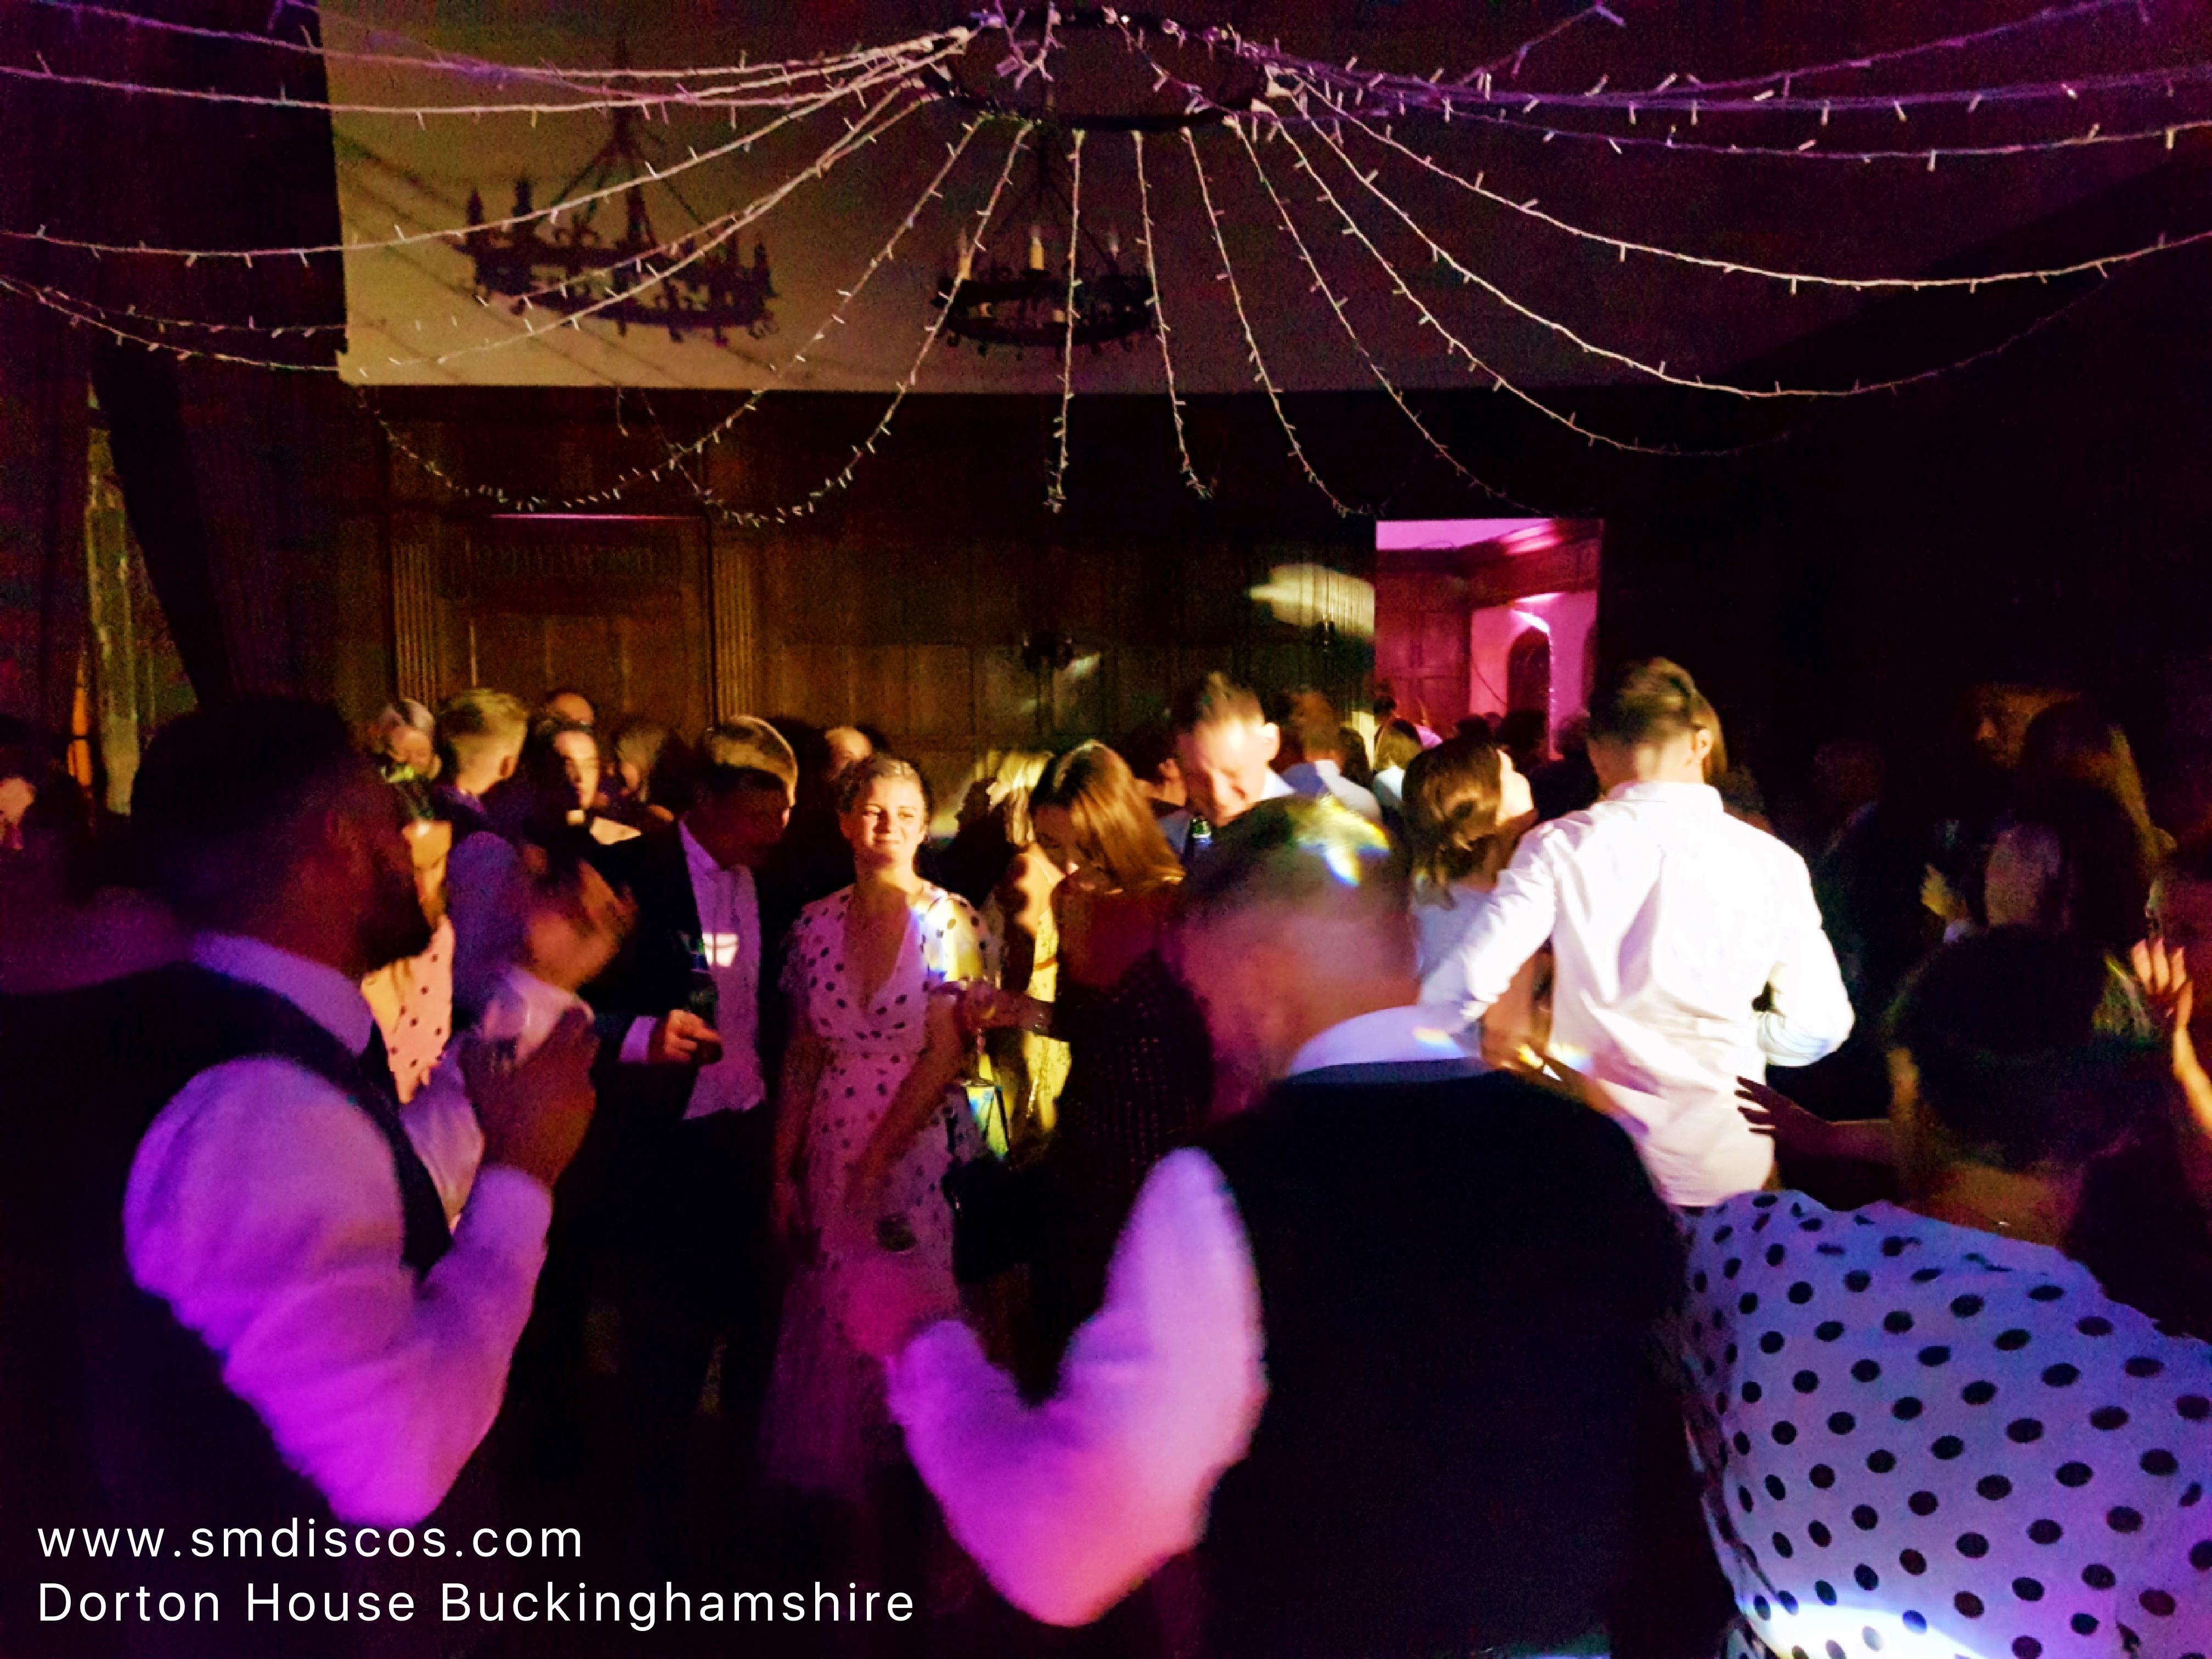 SM Discos at Dorton House